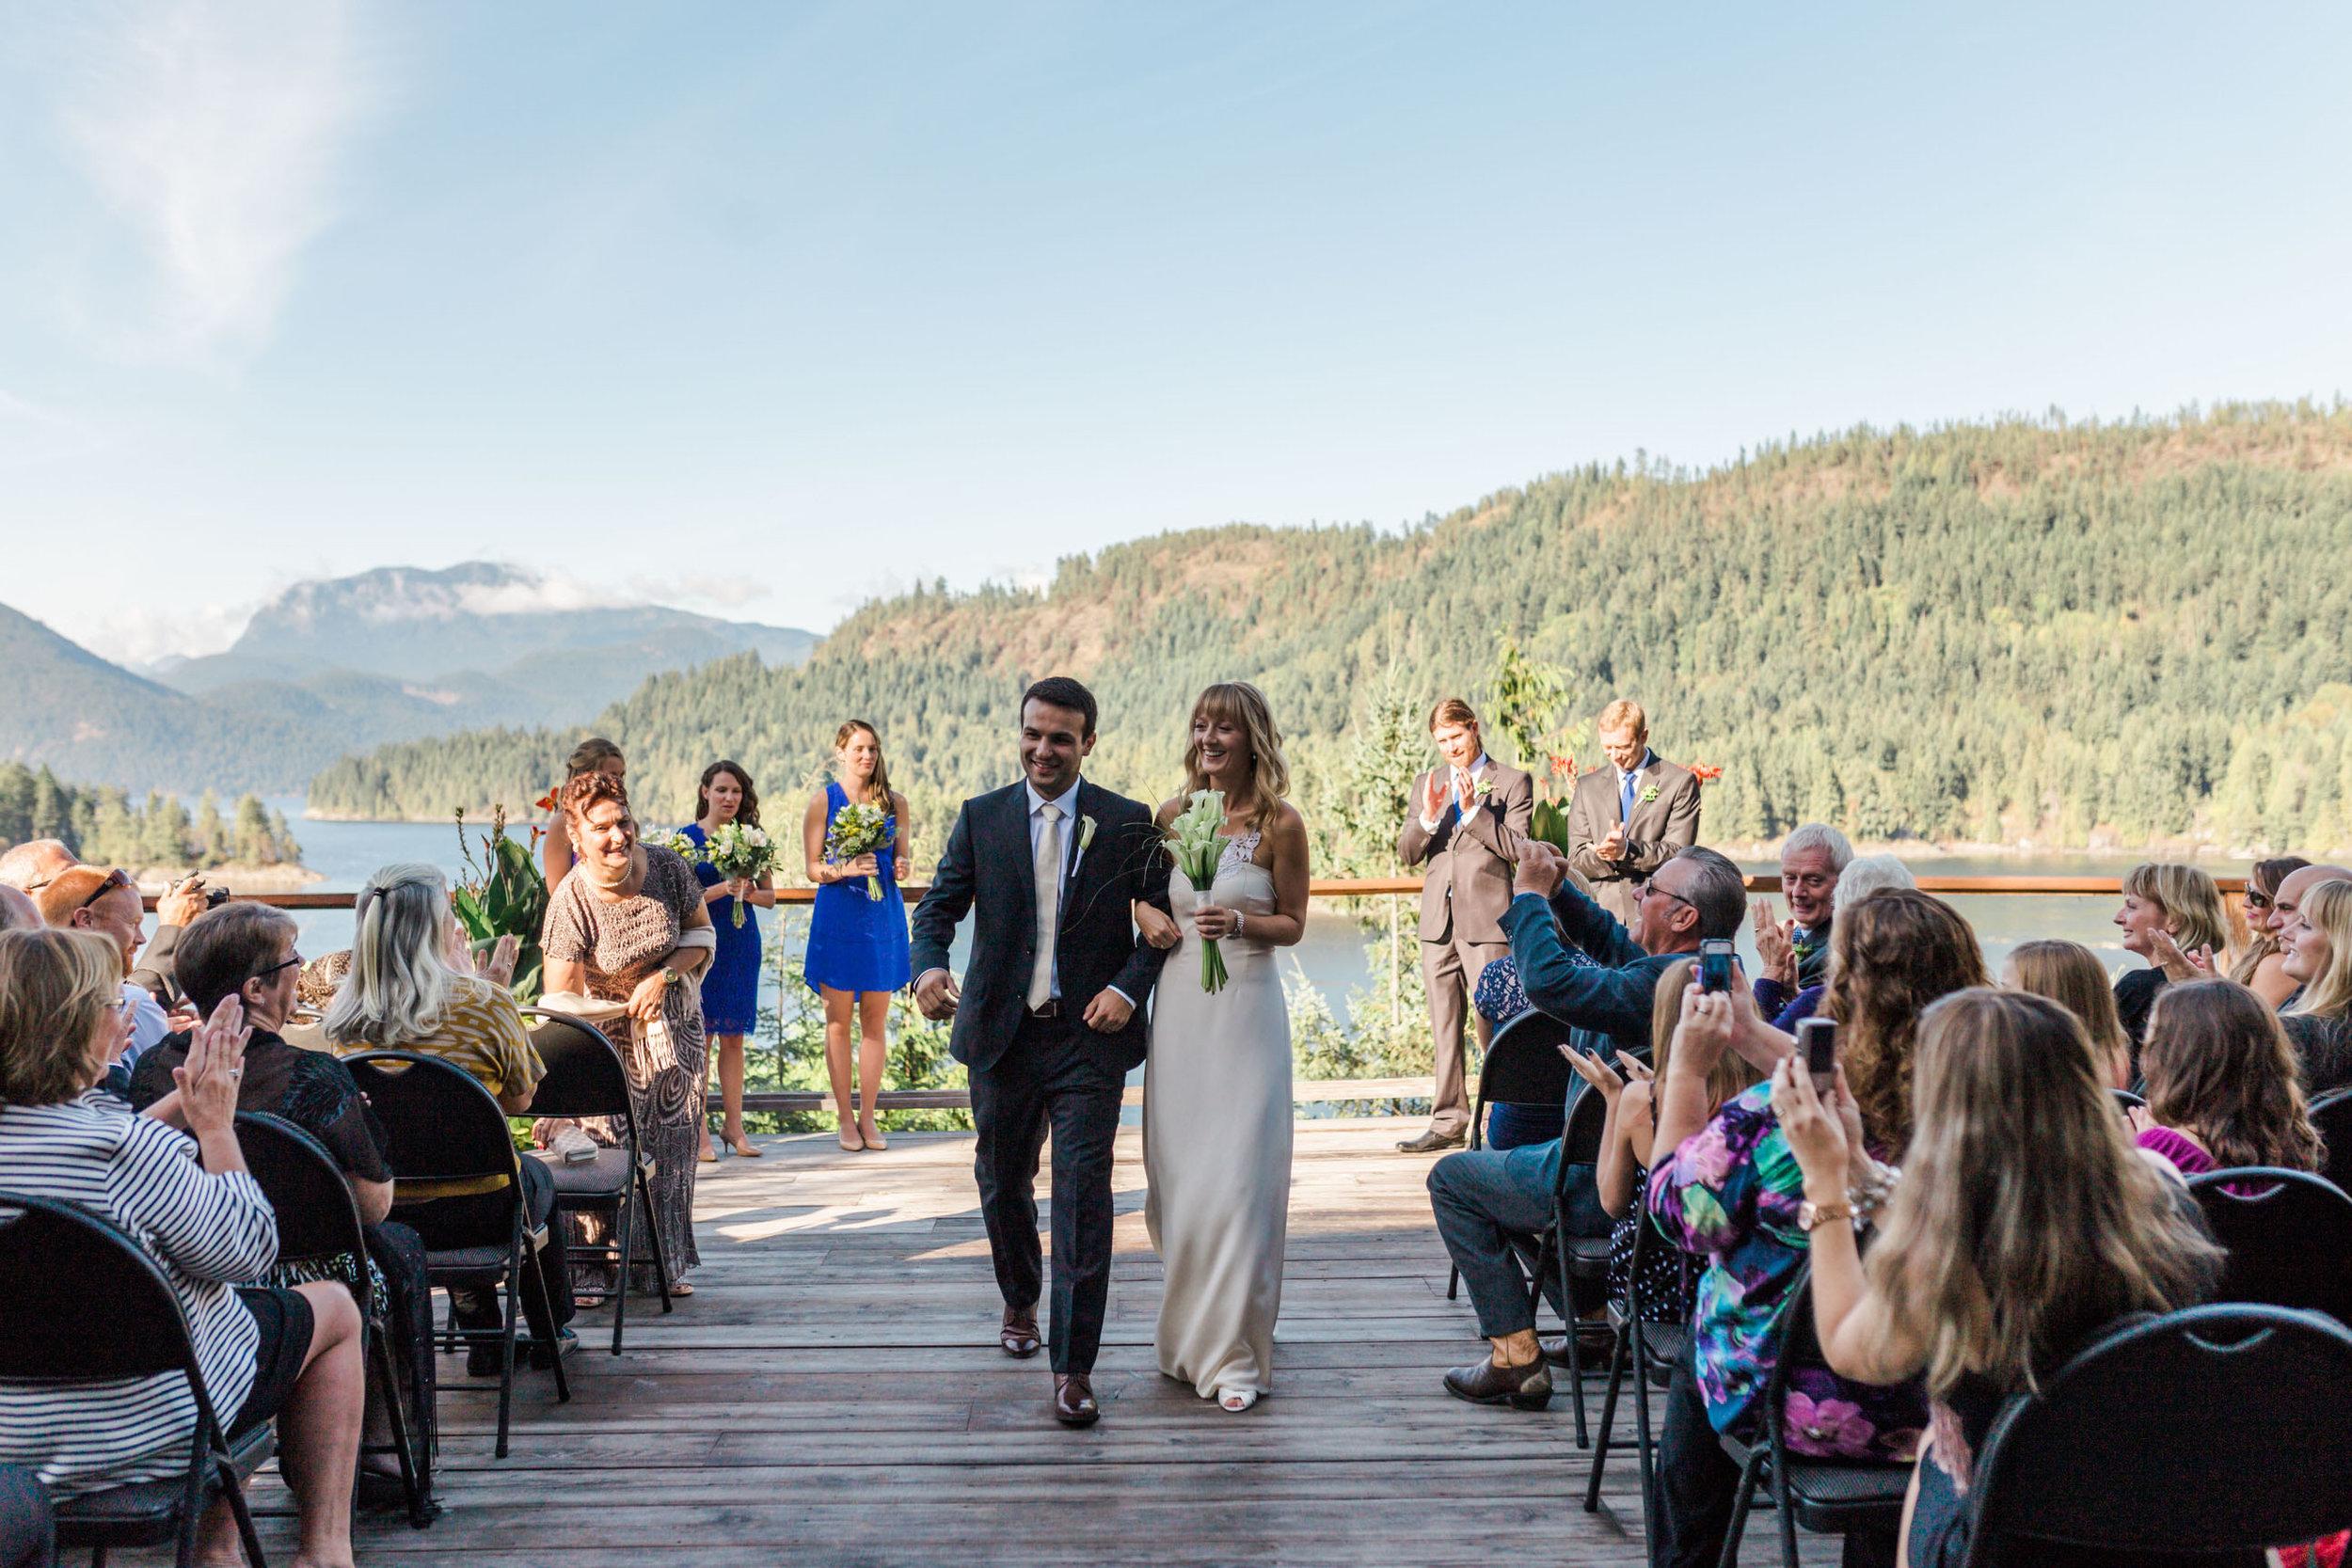 Sunshine Coast Wedding Photographer - Vancouver Wedding Photographer - West Coast Wilderness Lodge Wedding - Jennifer Picard Photography - IMG_6966.jpg